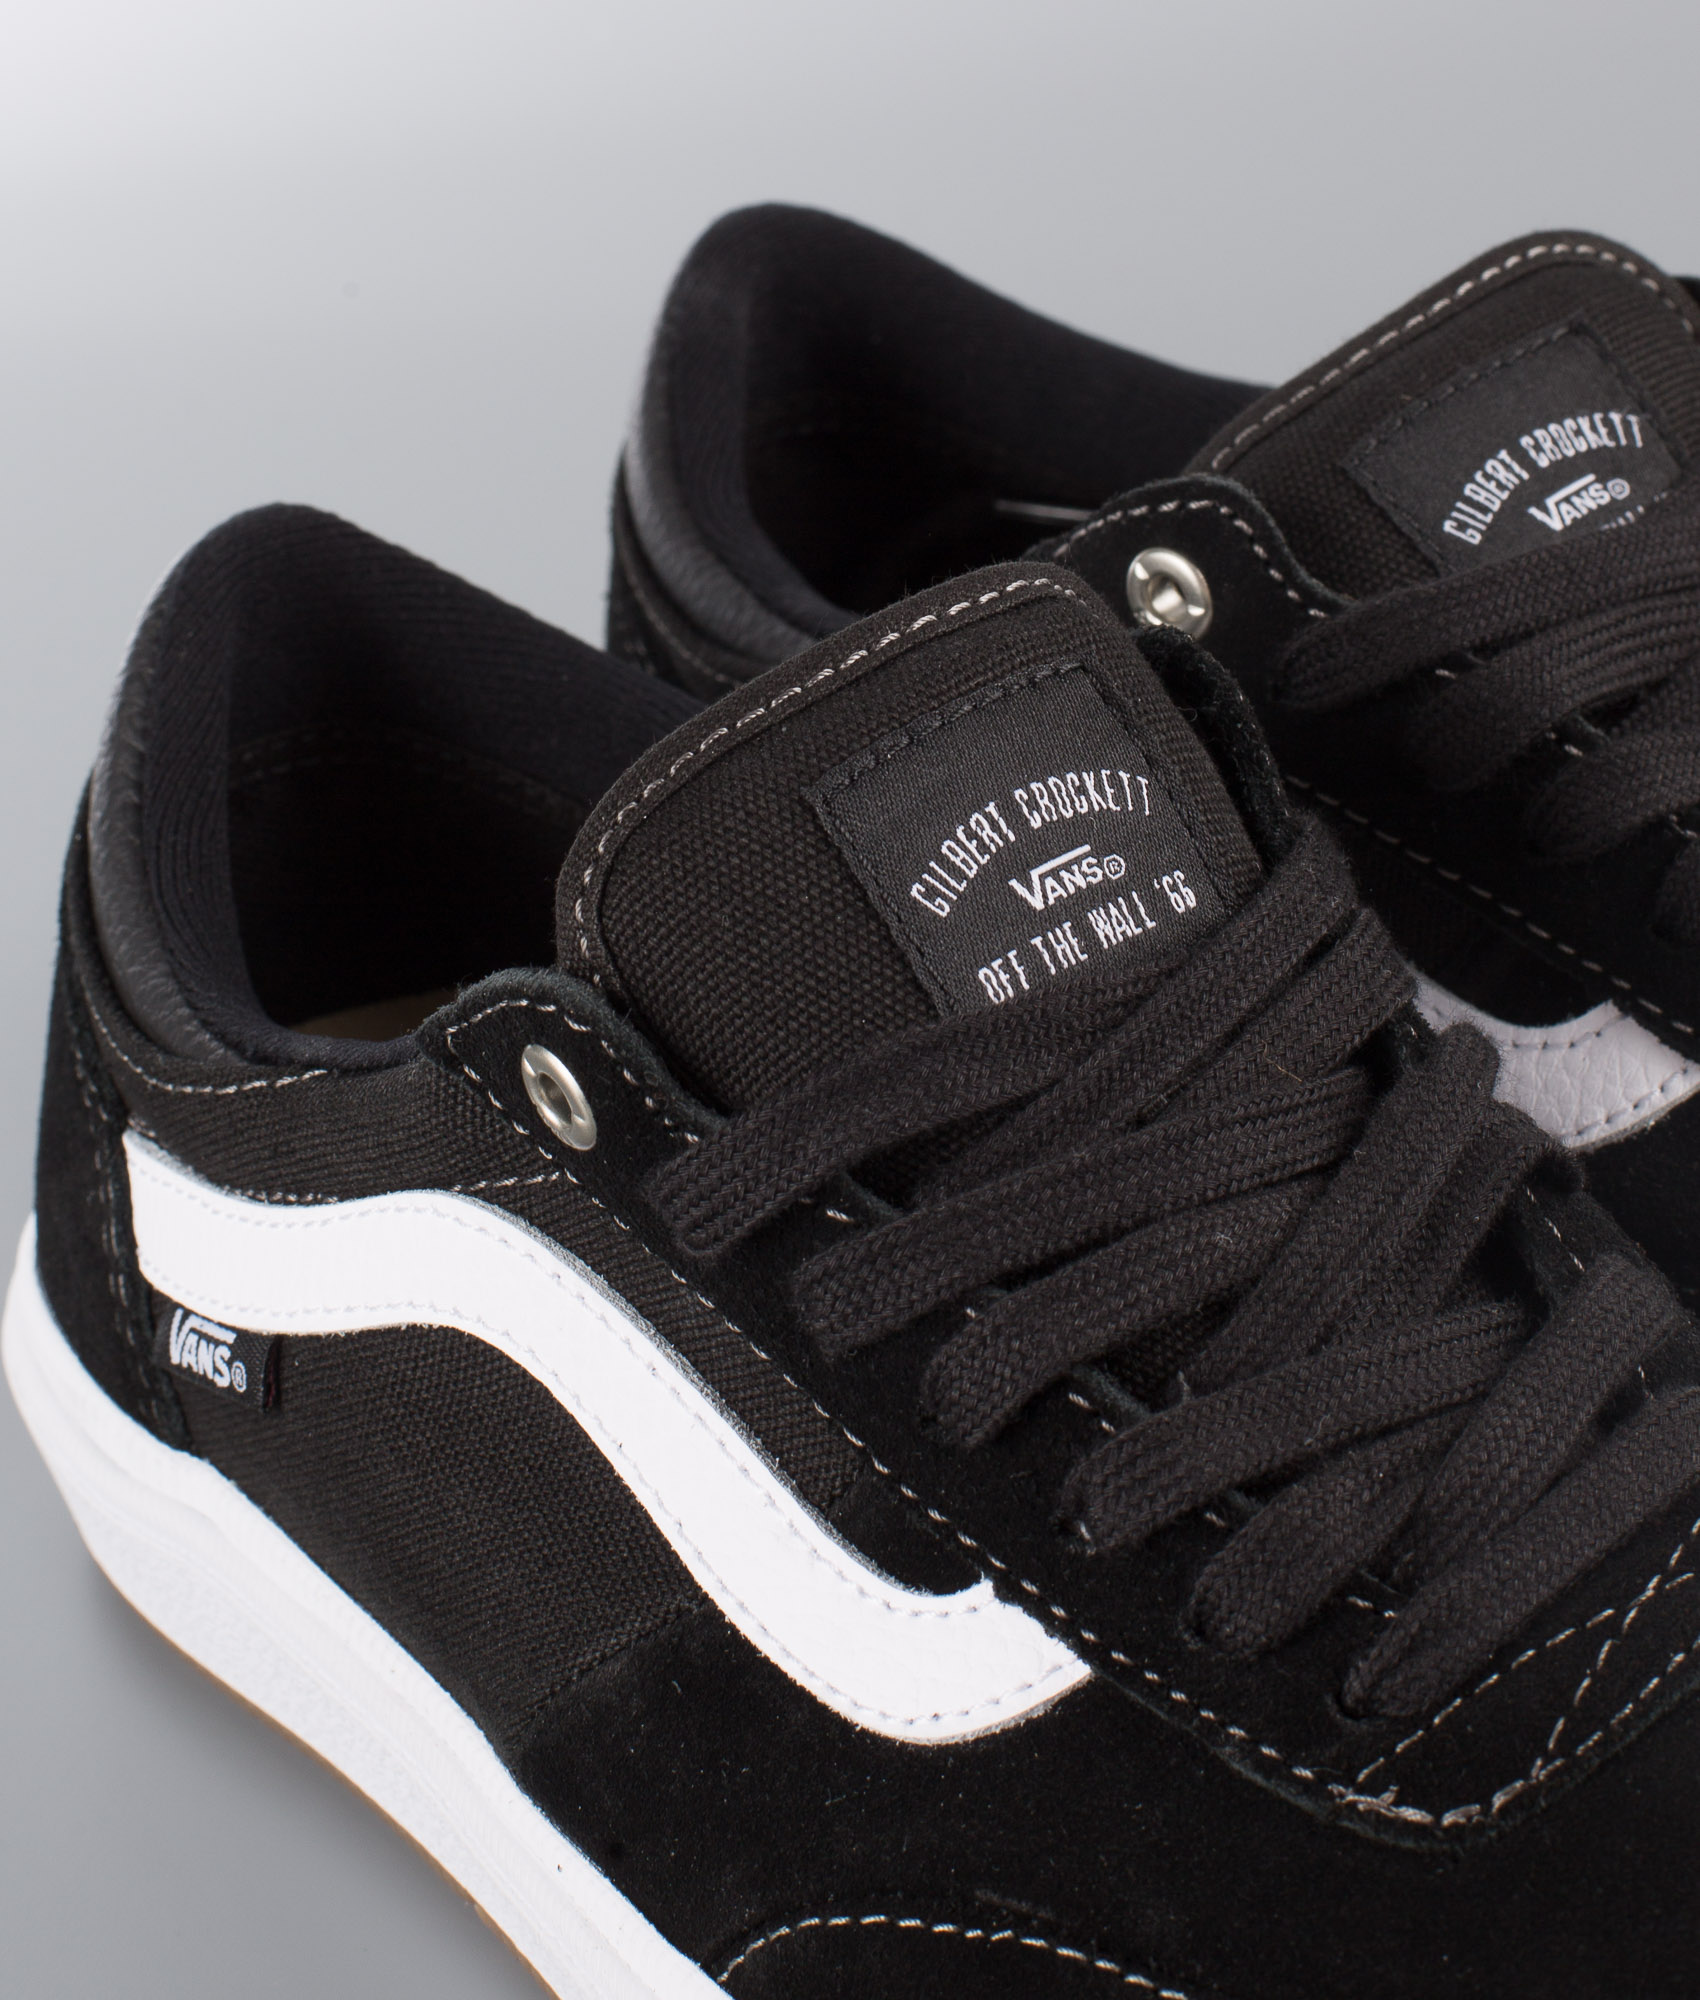 Cyber Monday 2019 Vans Covert Gilbert Crockett 2 Pro Schuhe